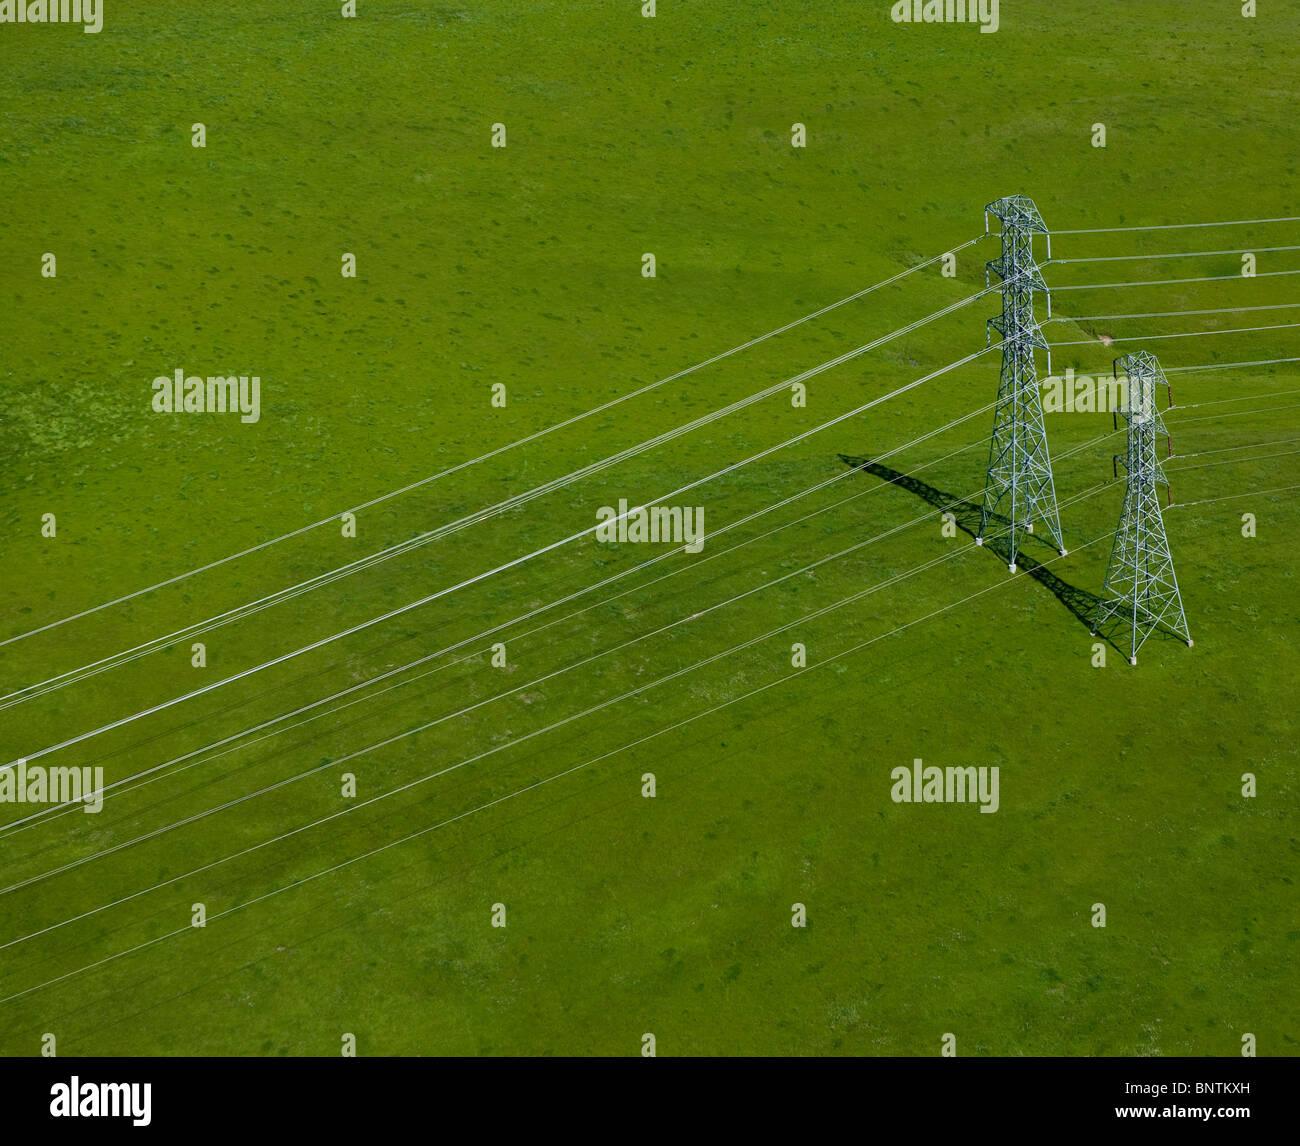 Luftaufnahme über elektrische Kraftübertragung Linien Sonoma county, California Stockbild